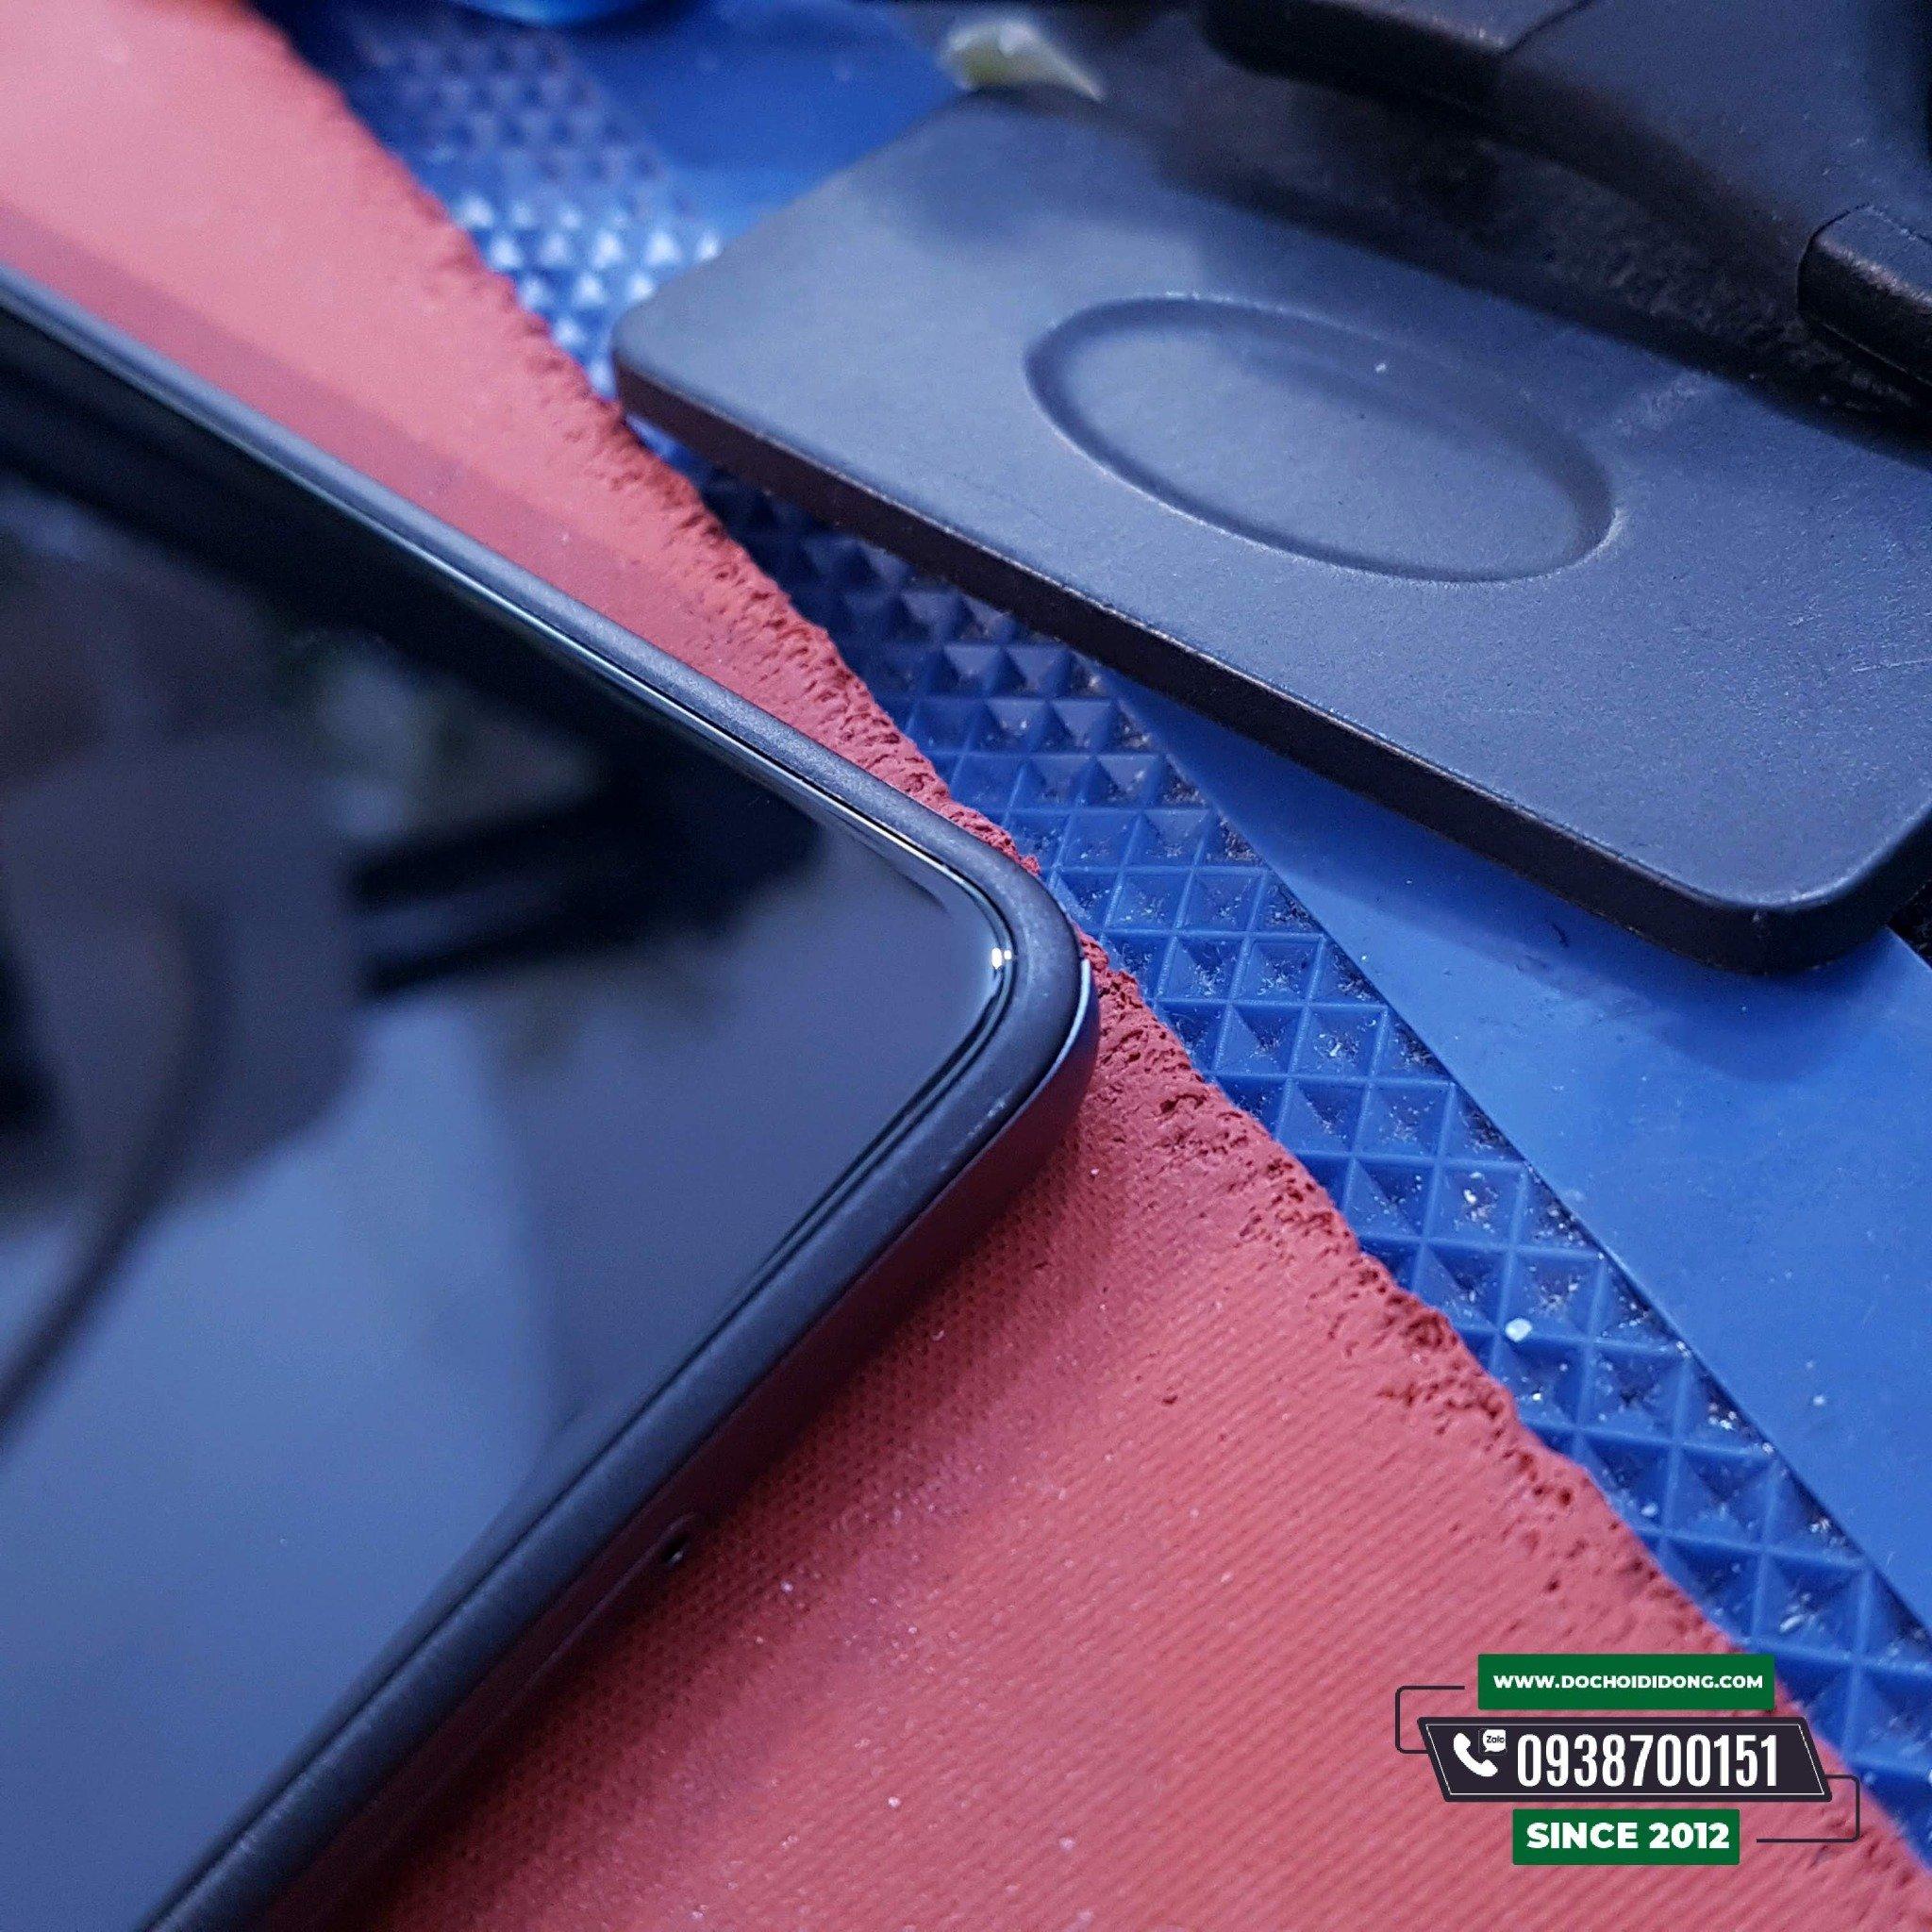 mieng-dan-cuong-luc-samsung-galaxy-tab-a7-2020-t500-t505-zacase-tablet-premium